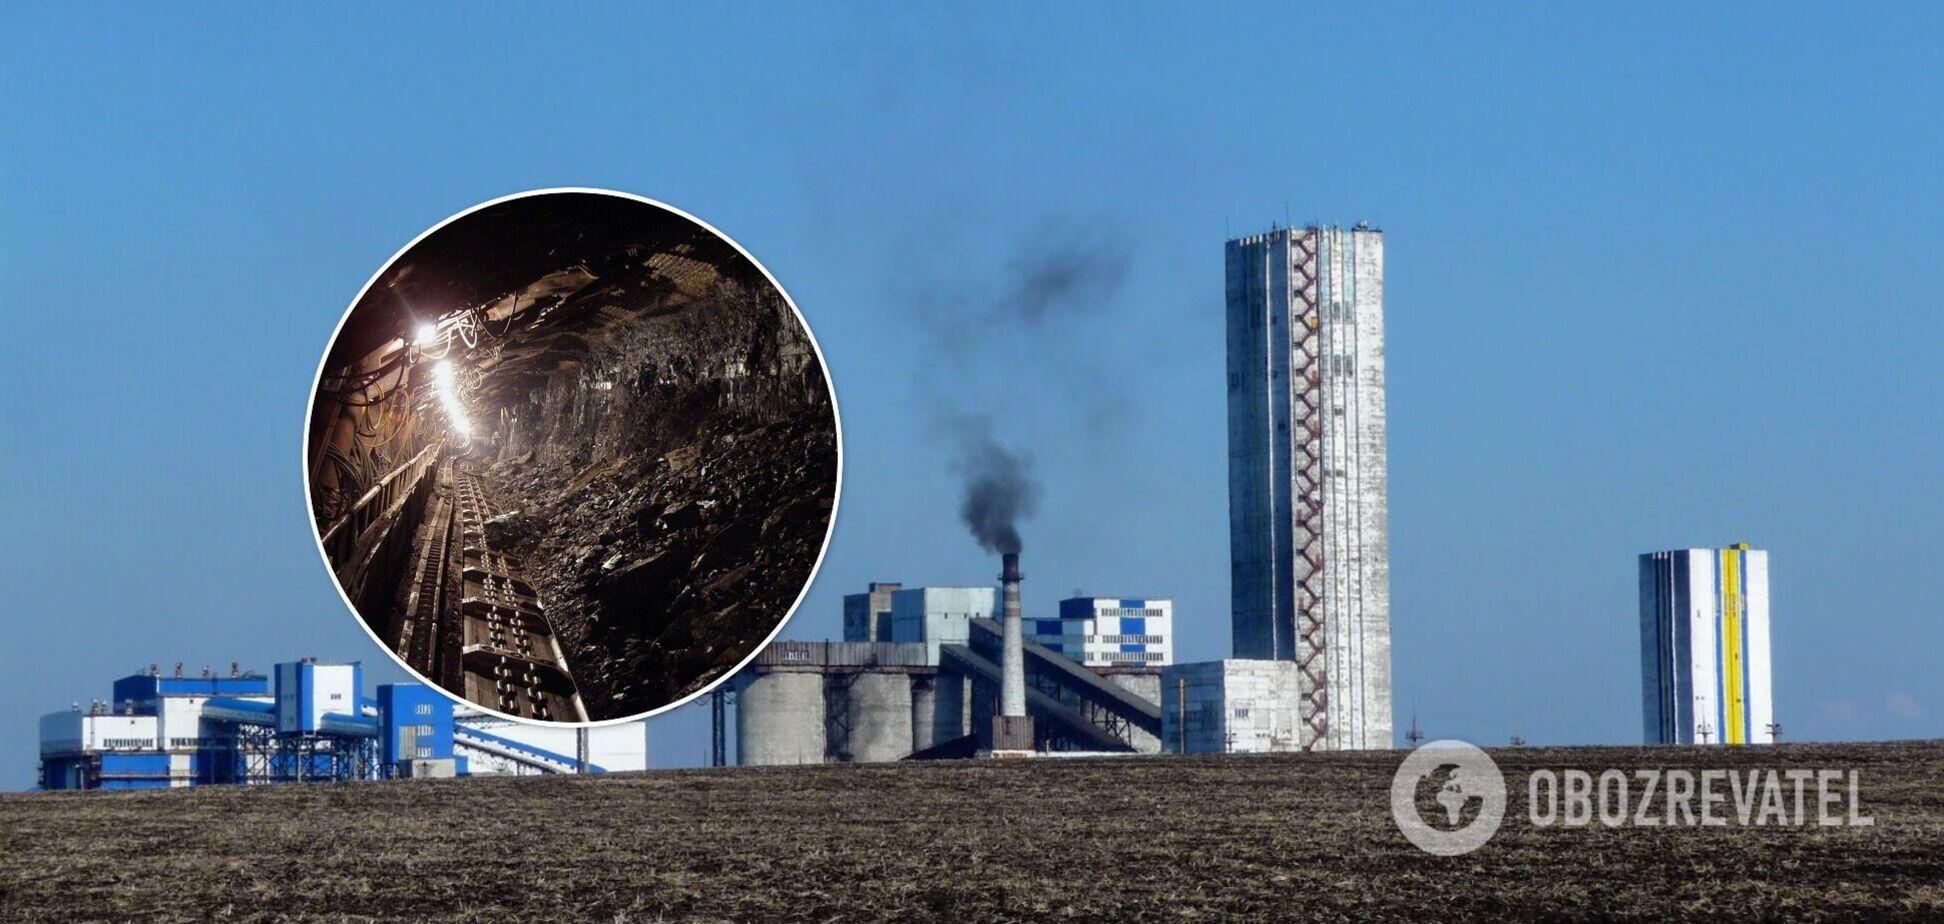 На Донетчине произошел взрыв на шахте: пострадали девять горняков, один погиб. Все подробности